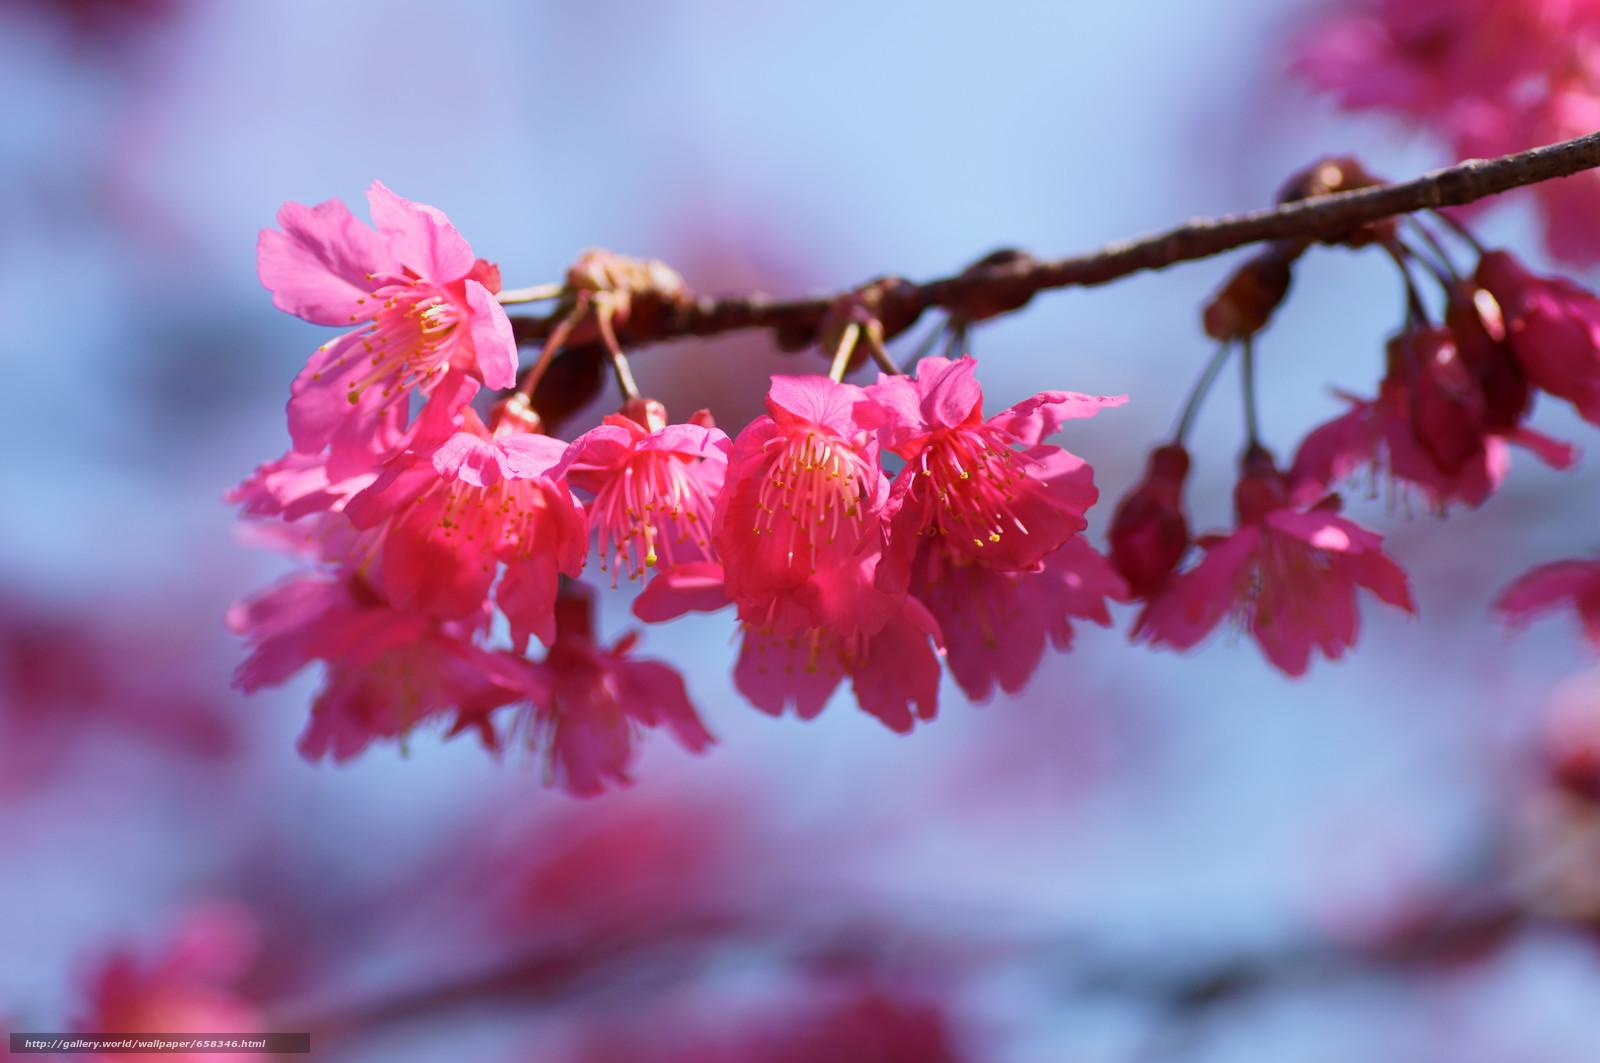 Tlcharger Fond d'ecran fleur,  Fleurs,  flore,  cerisiers en fleurs Fonds d'ecran gratuits pour votre rsolution du bureau 4912x3264 — image №658346